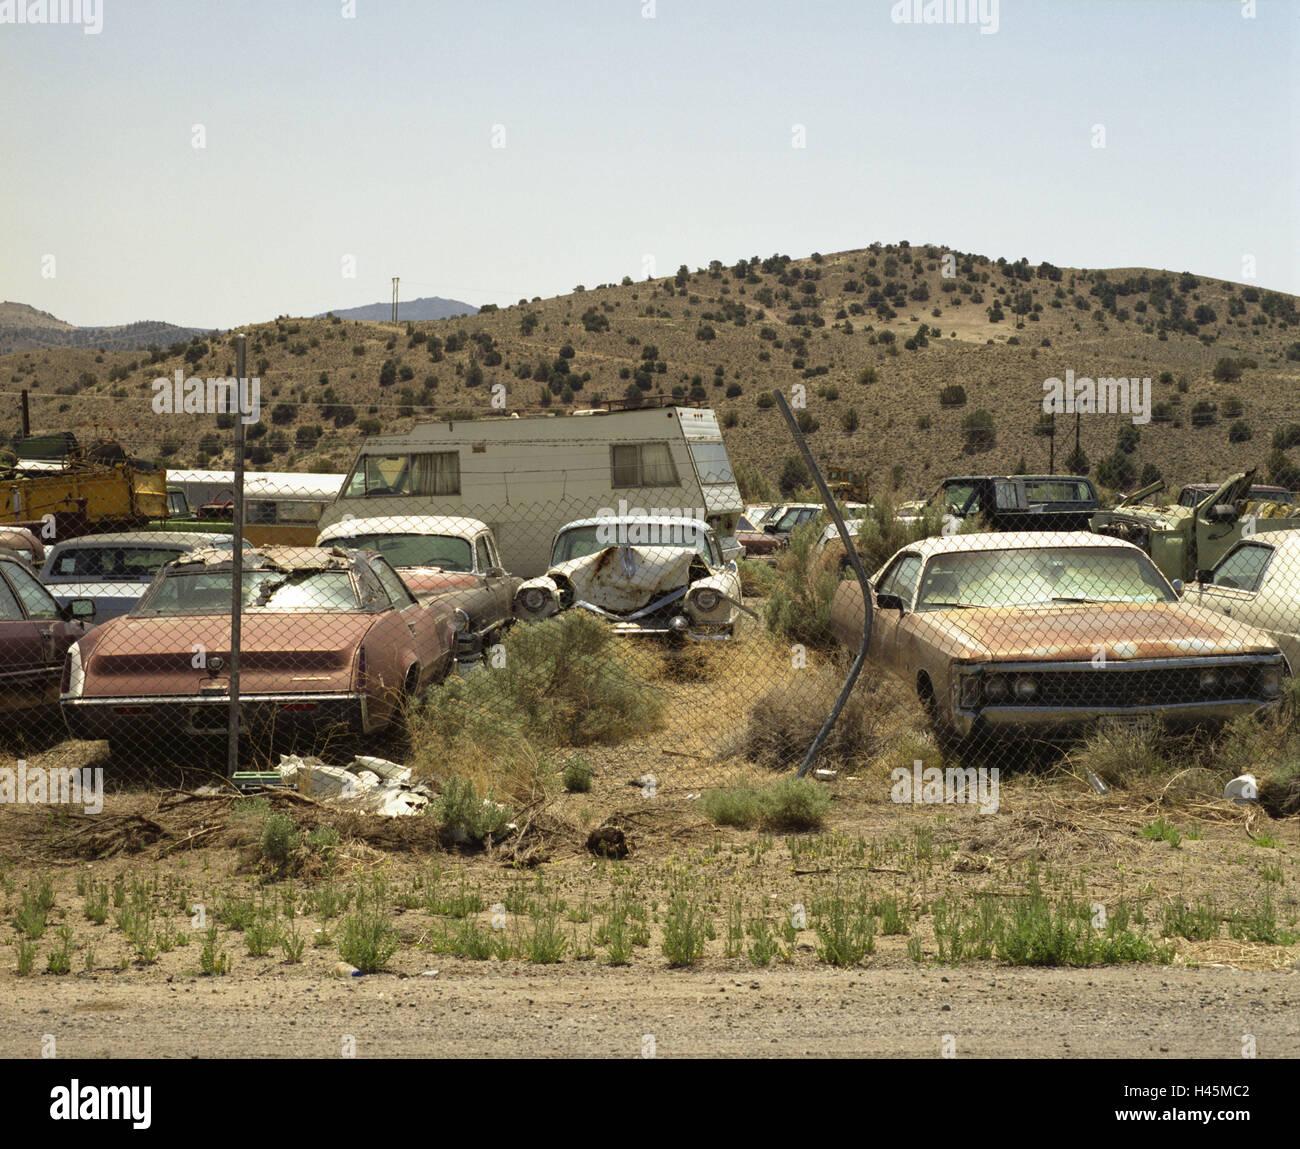 USA, Nevada, Carson City, Junkyard, Desert, Cars